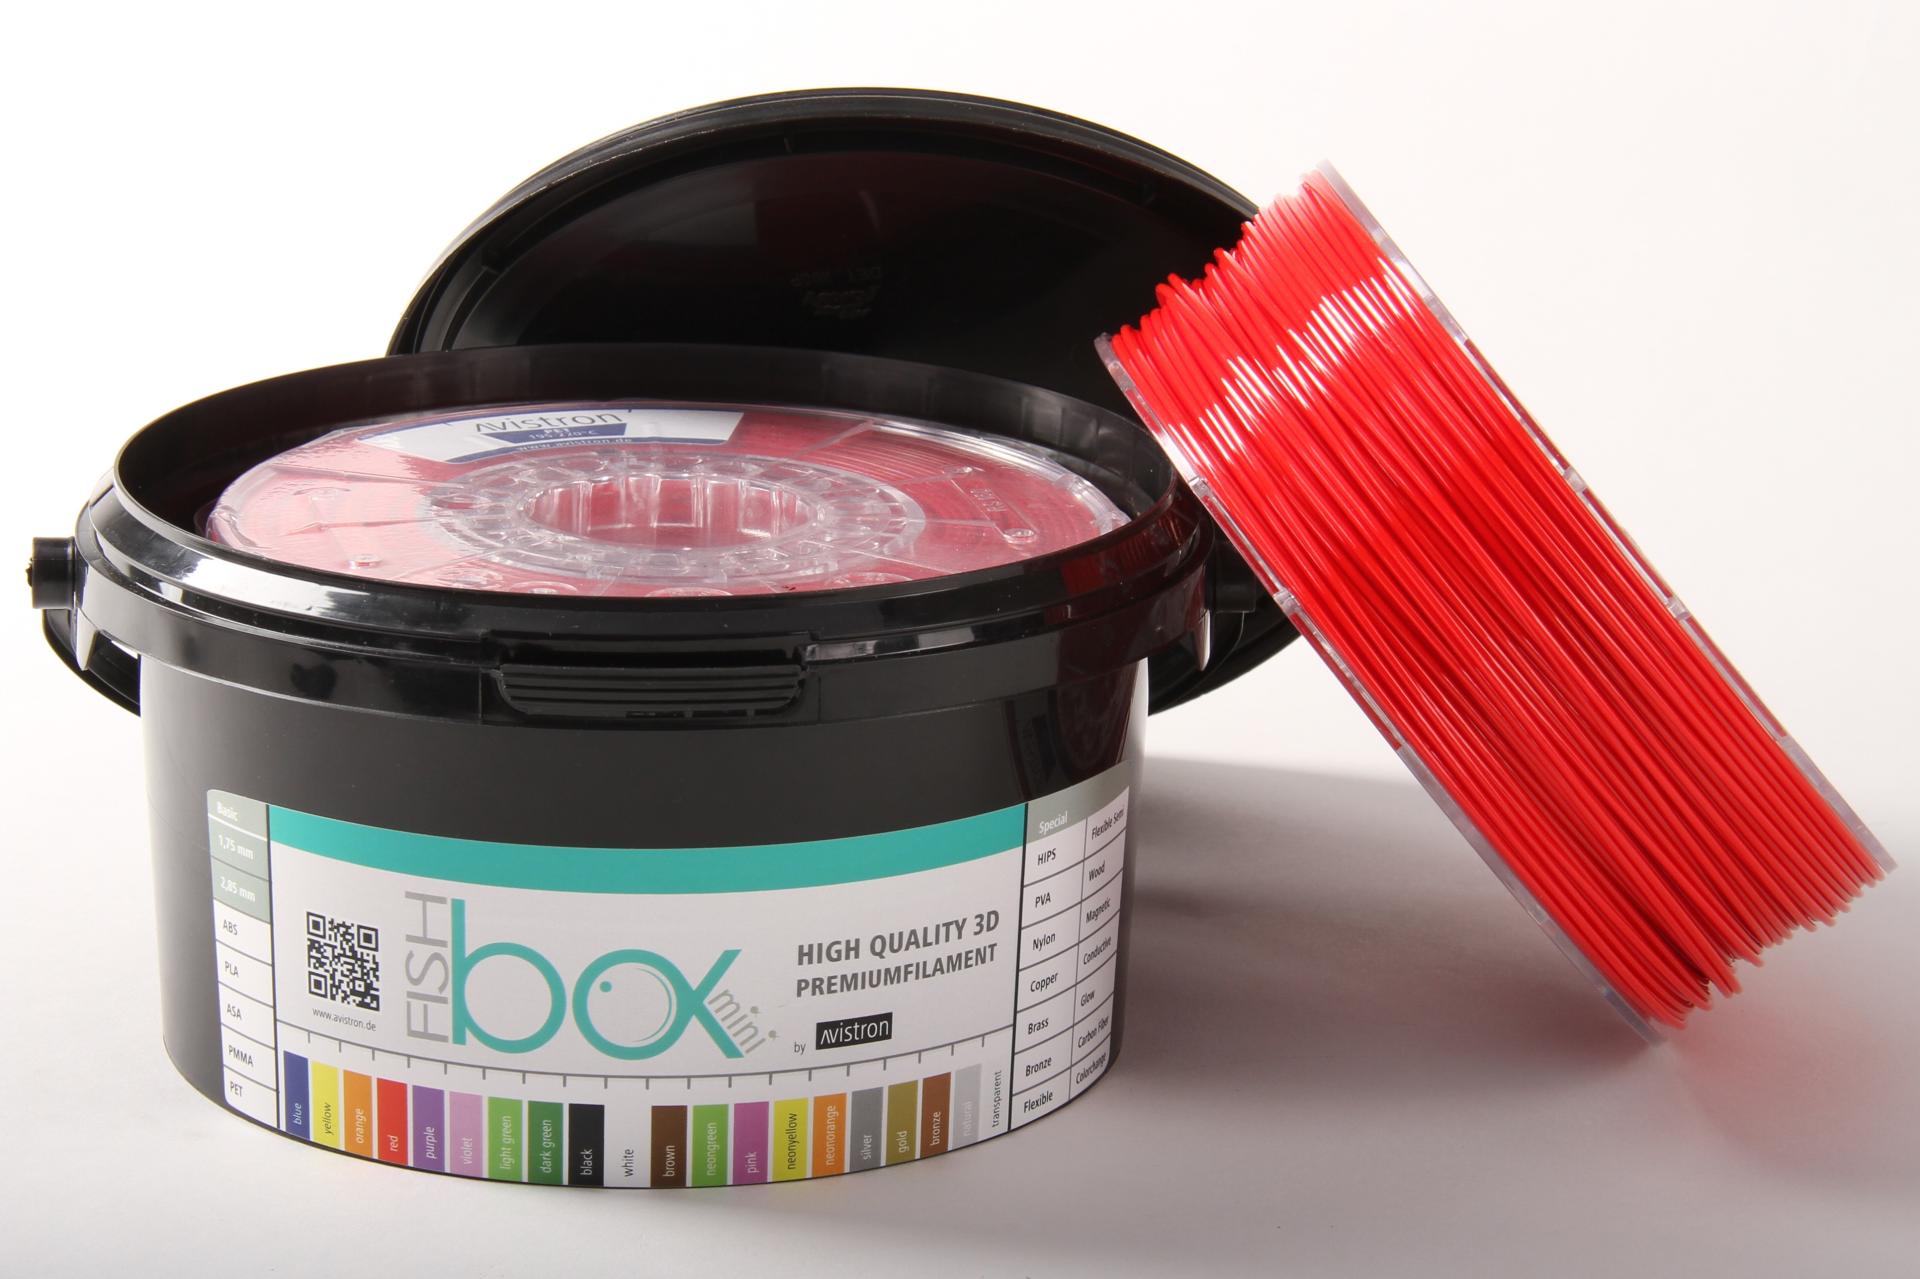 FIL Avistron PETG 1,75mm red 500g 3D printēšanas materiāls